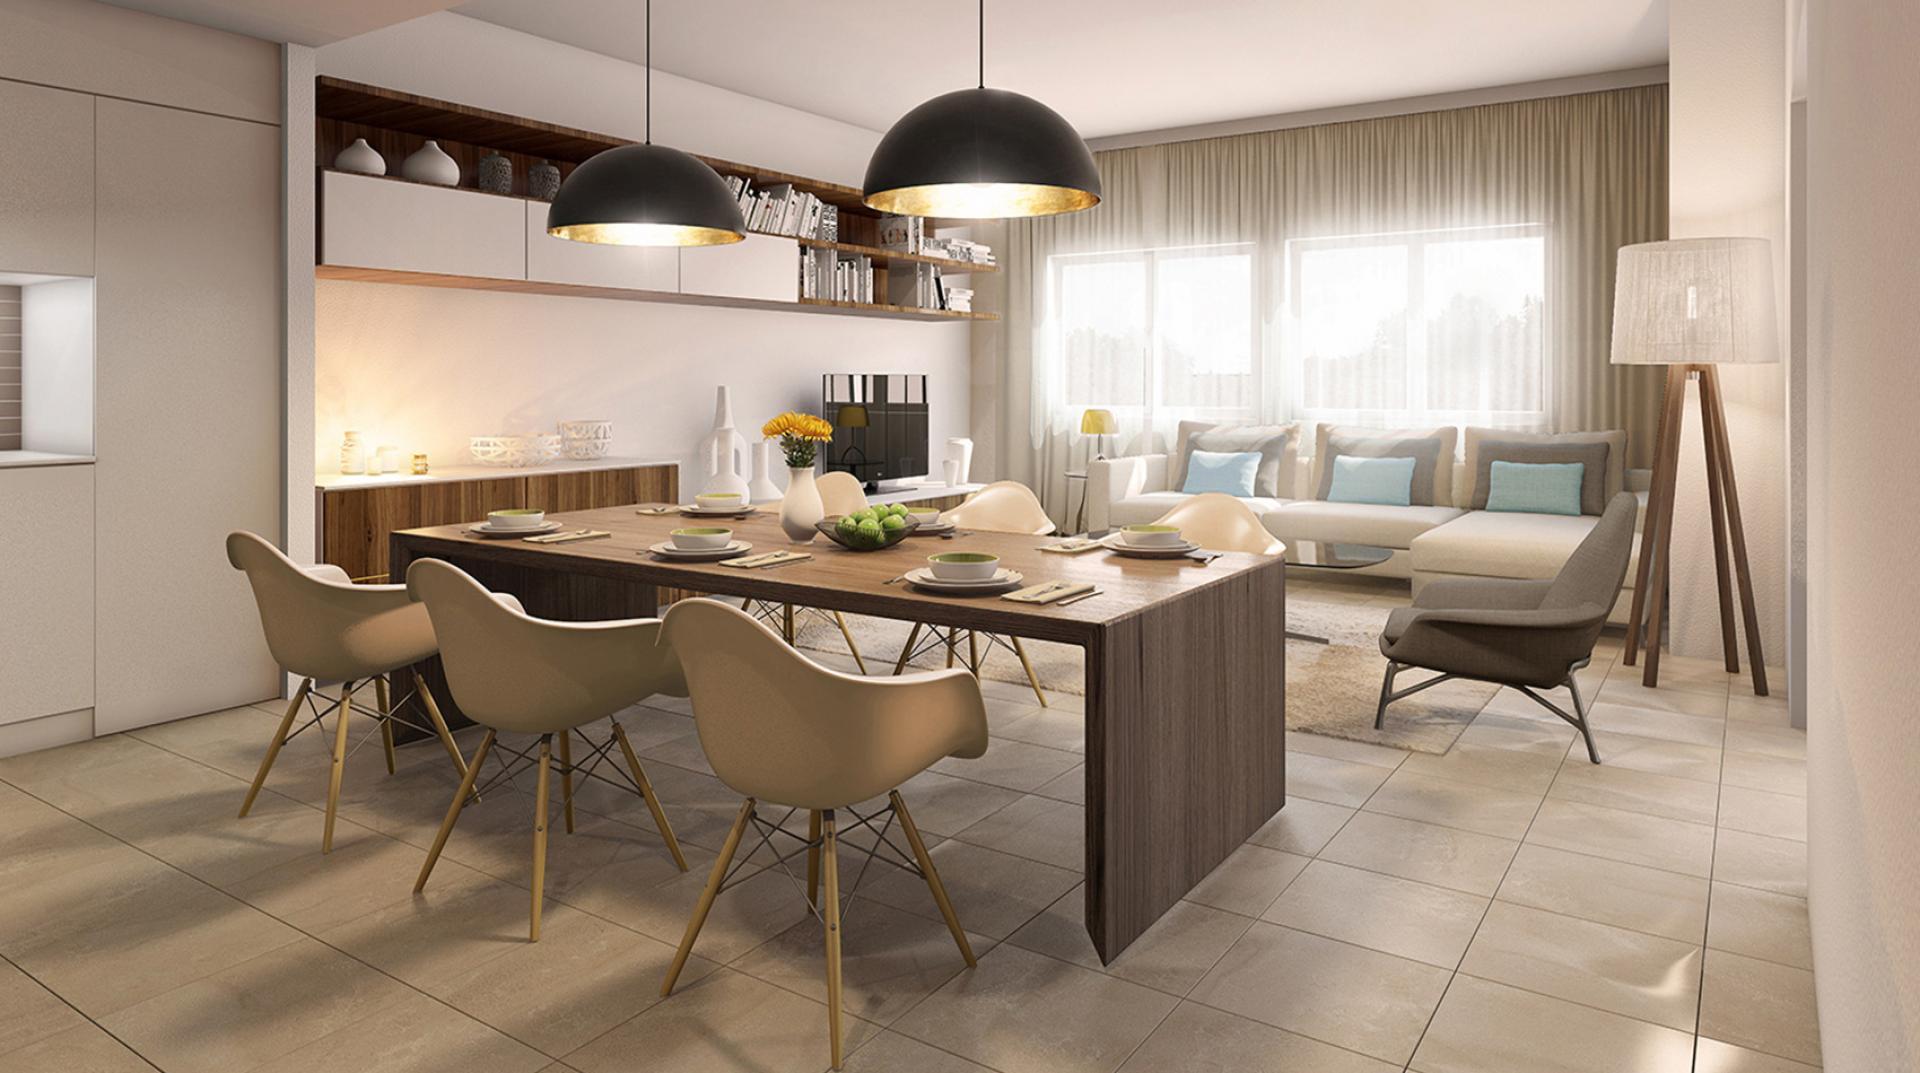 Adosado en venta en Dubai, EAU, 4 dormitorios, 270 m2, № 24025 – foto 5